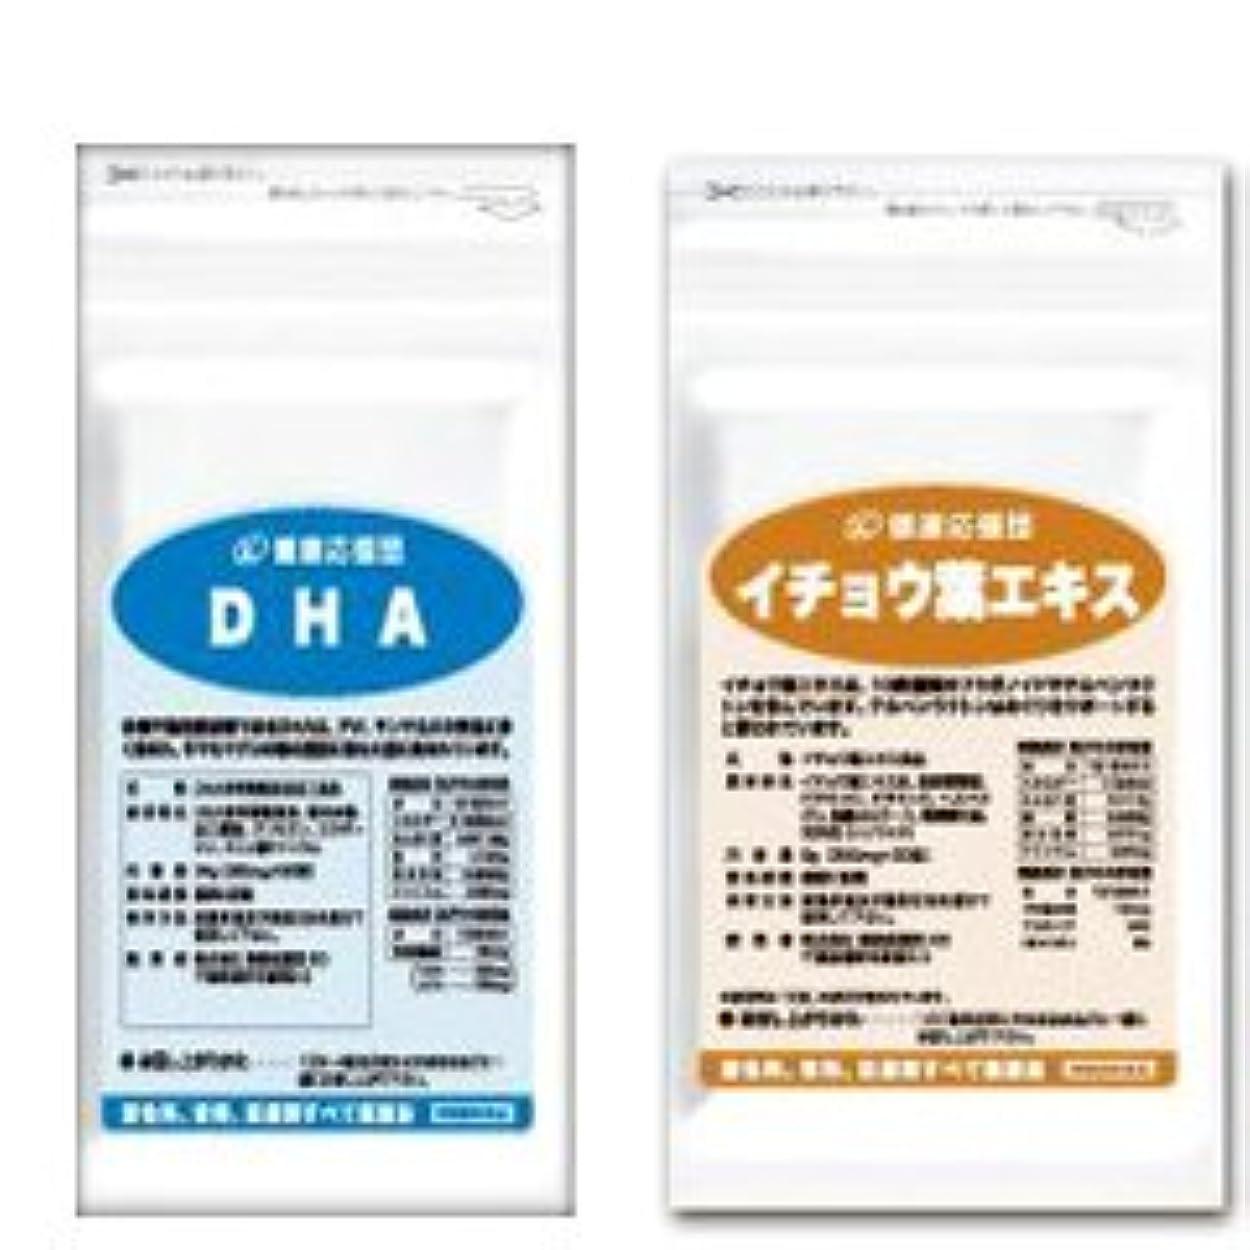 もう一度ステレオタイプちらつき(お徳用12か月分)サラサラ巡りセット DHA + イチョウ葉エキス 12袋&12袋セット(DHA?EPA?イチョウ葉?ビタミンC?ビタミンE?ビタミンP配合)